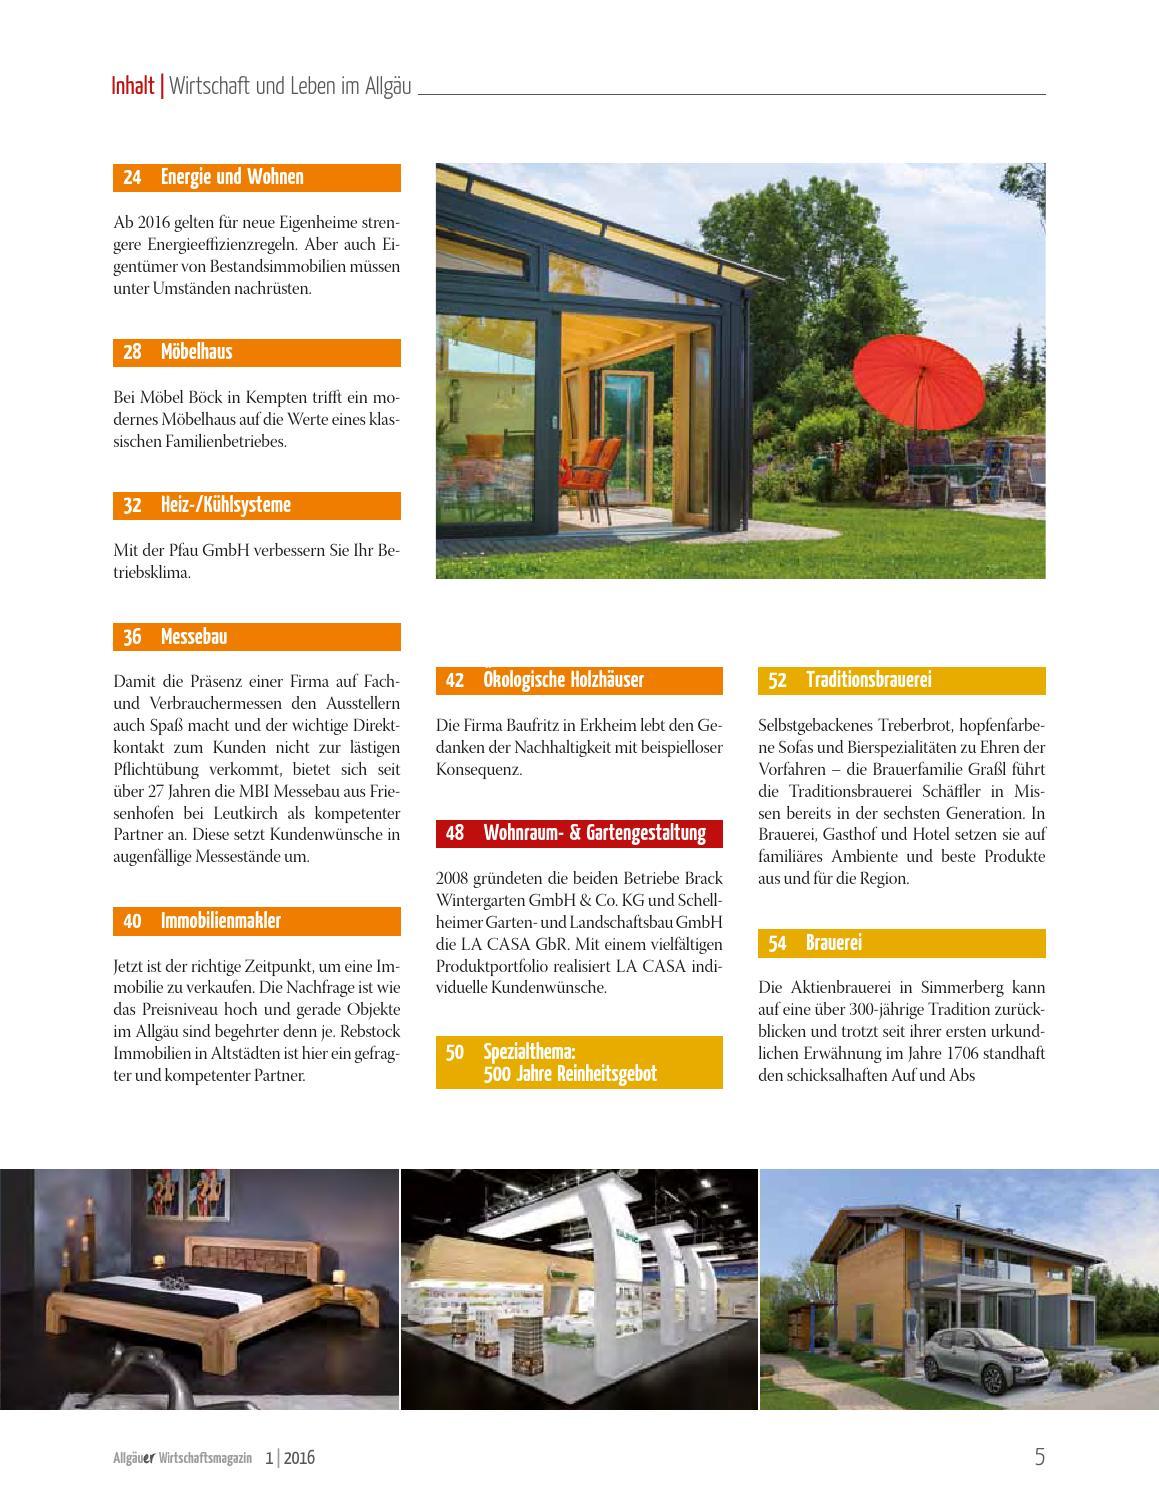 allg uer wirtschaftsmagazin 01 2016 by thomas t nzel issuu. Black Bedroom Furniture Sets. Home Design Ideas